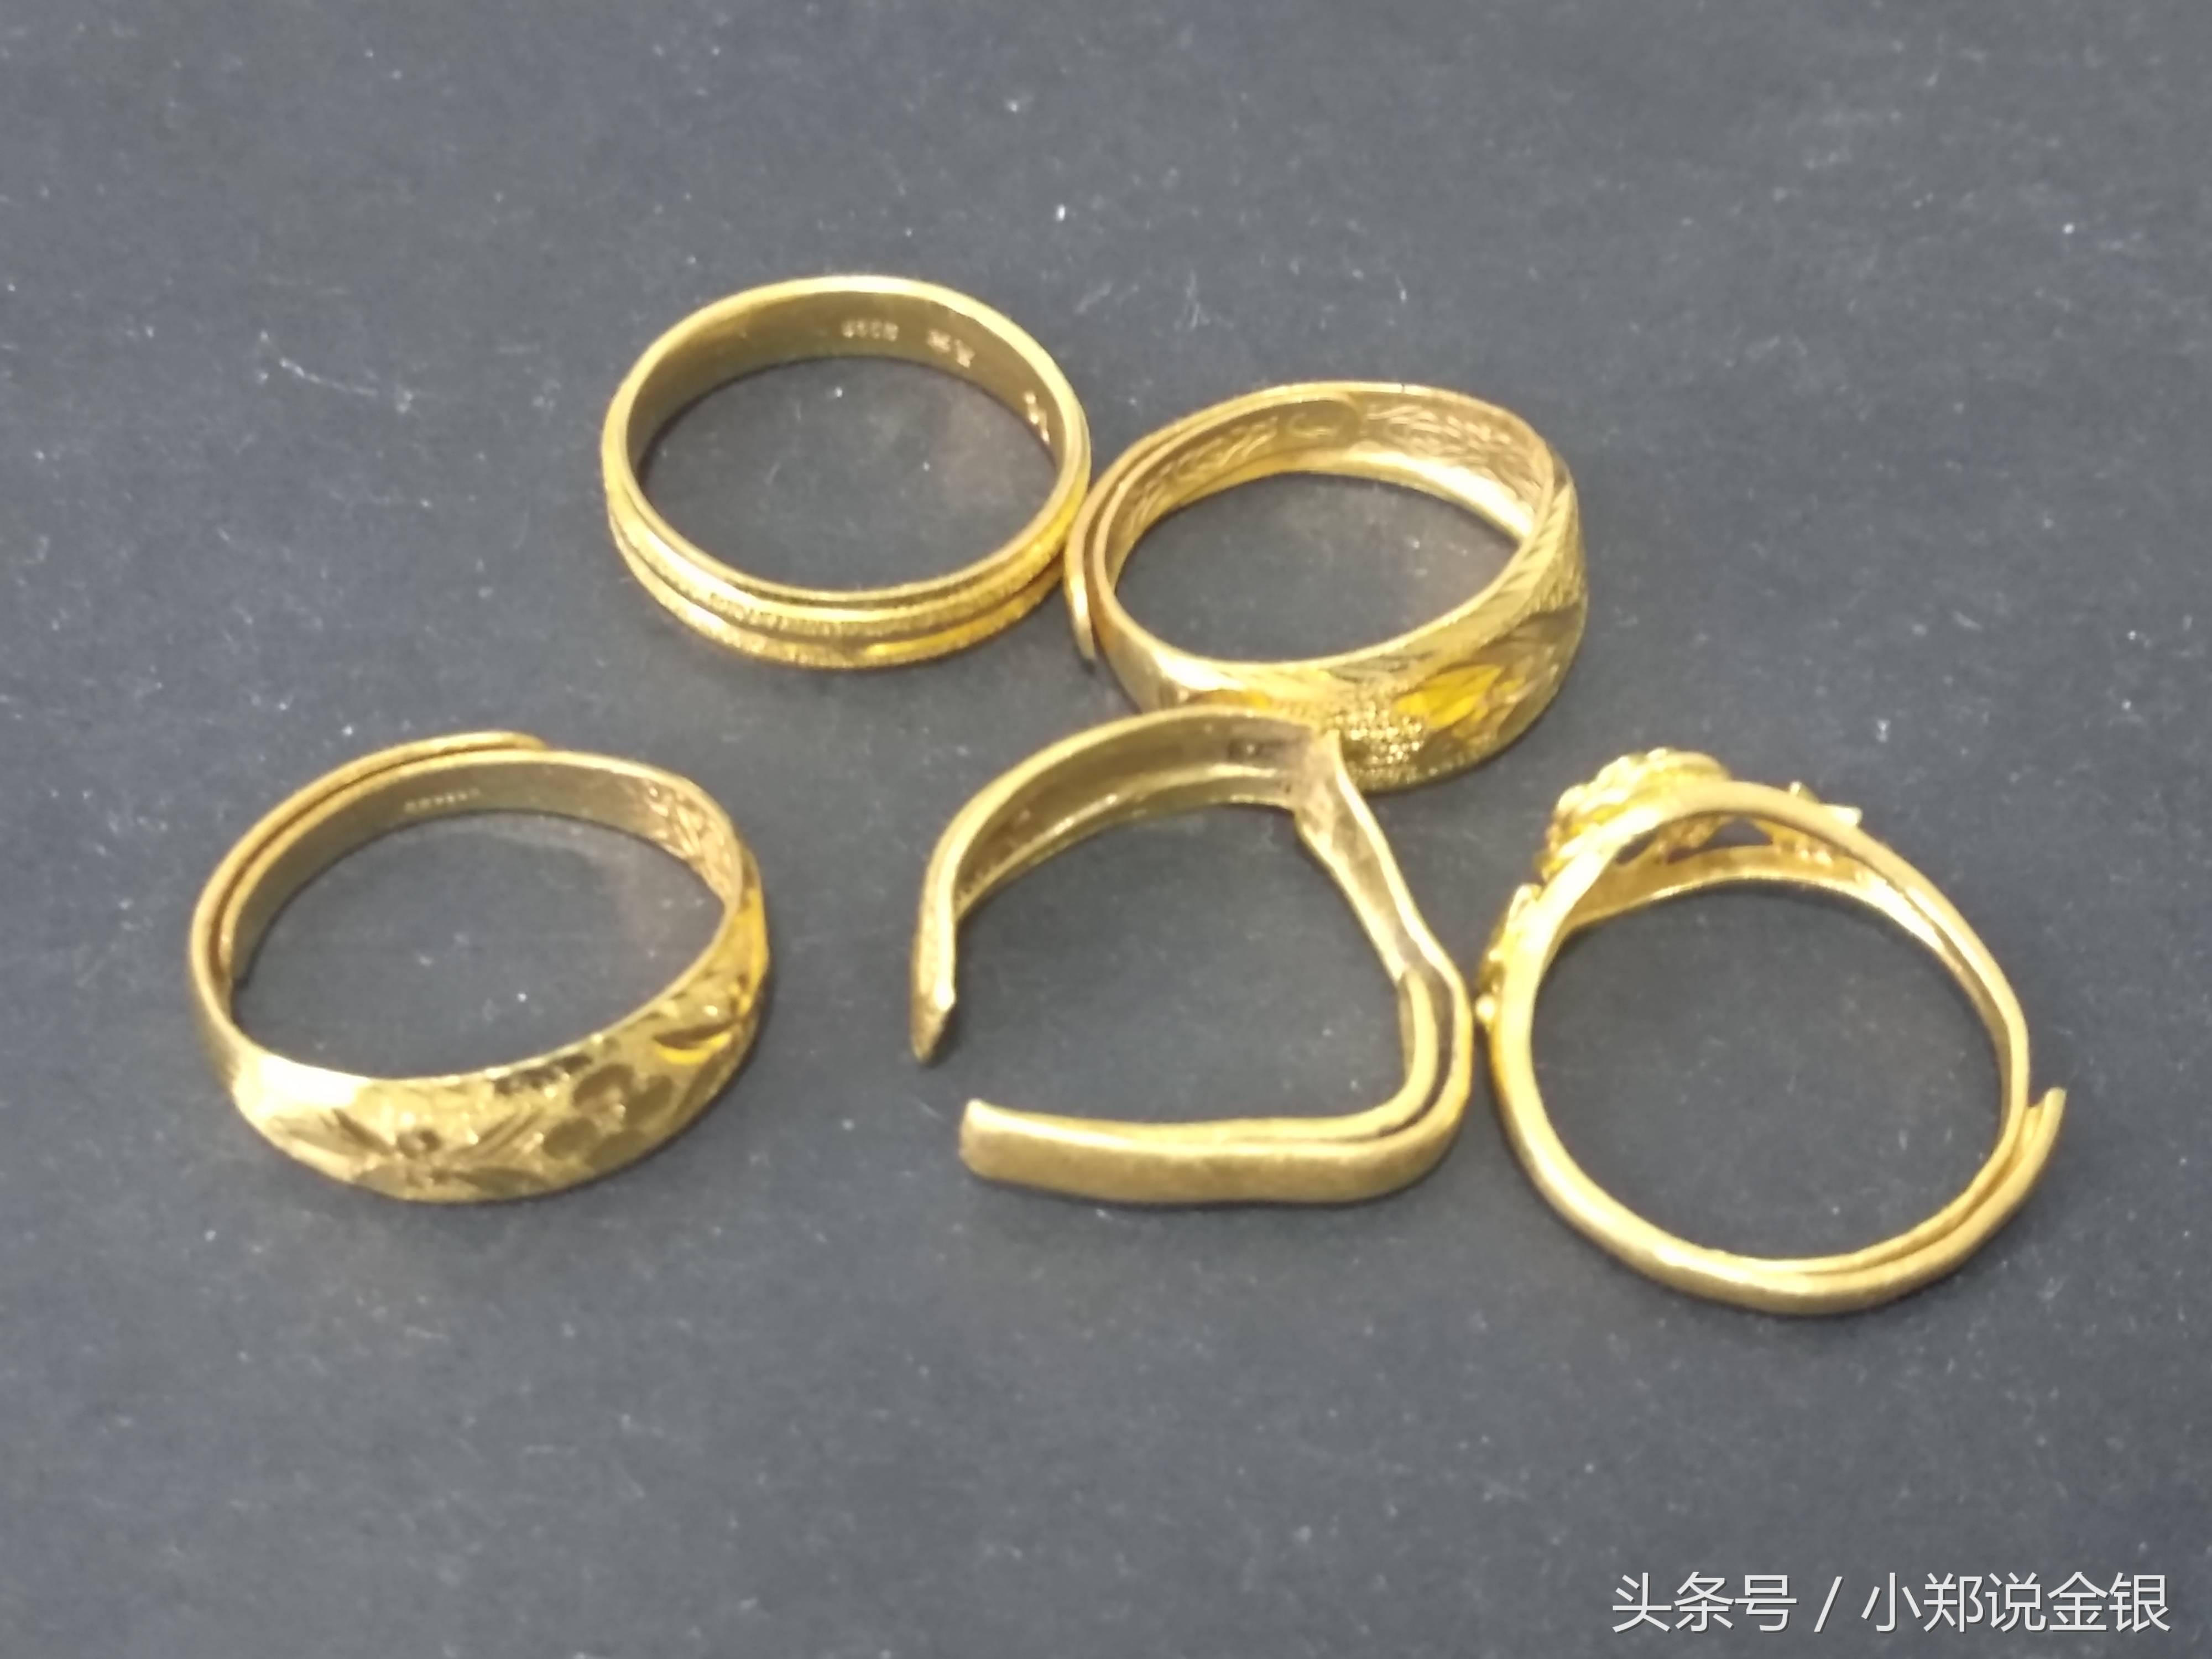 金戒指一般多少克(怎么能不让戒指变形呢)